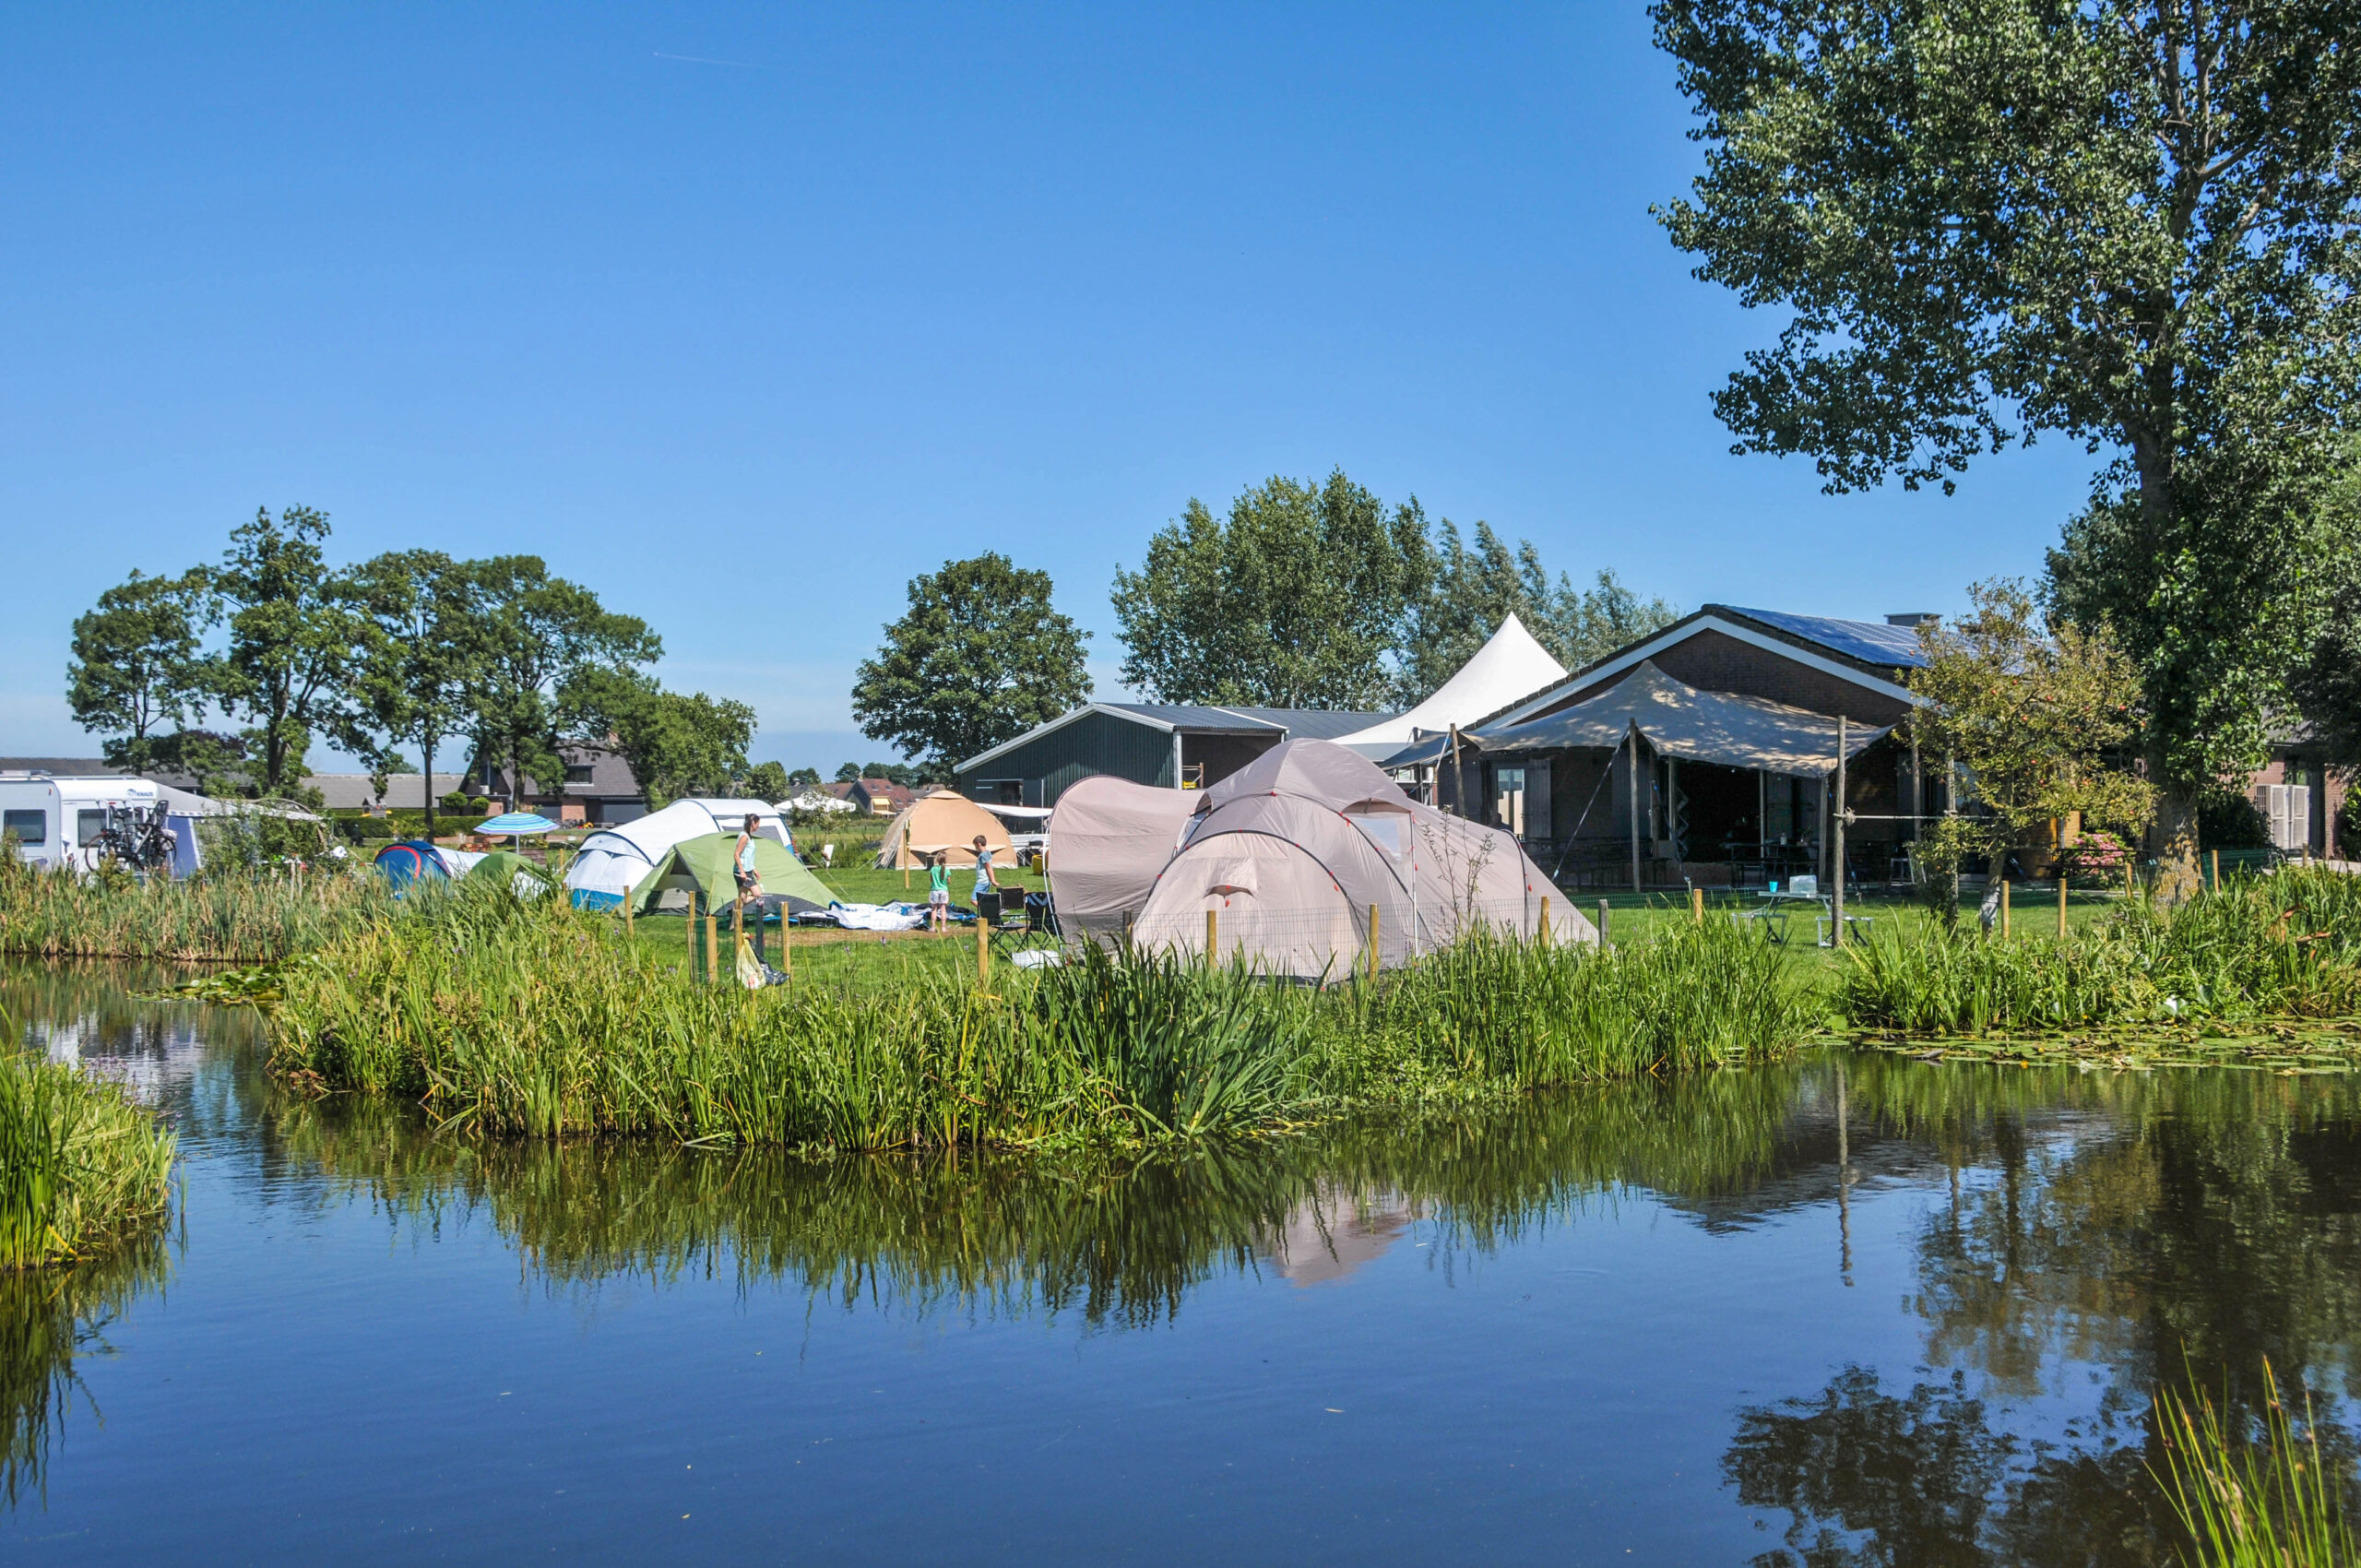 Tarieven   Camping de Boerinn